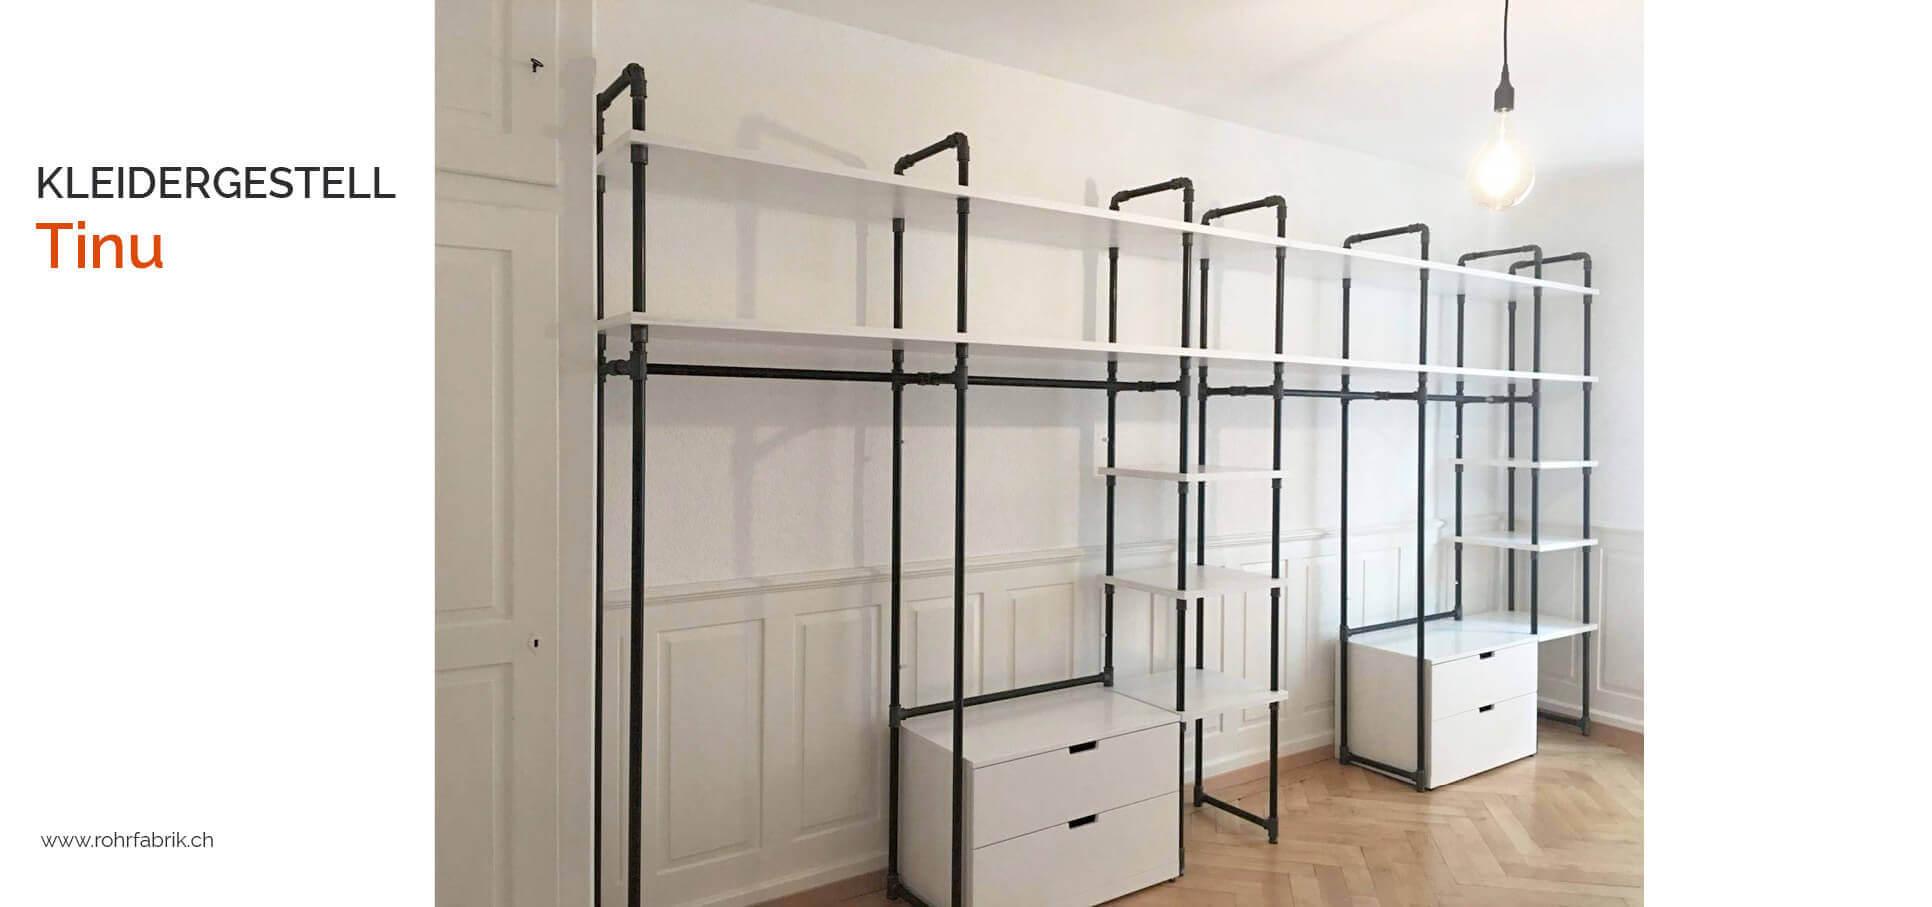 Hersteller-rohrfabrik-Zurich-kleidergestell-doppelkleiderstaender-kleiderstaender-rohr-moebel-design-innenarchitektur-ankleidezimmer-ladenbau-garderobe-Tinu01.jpg